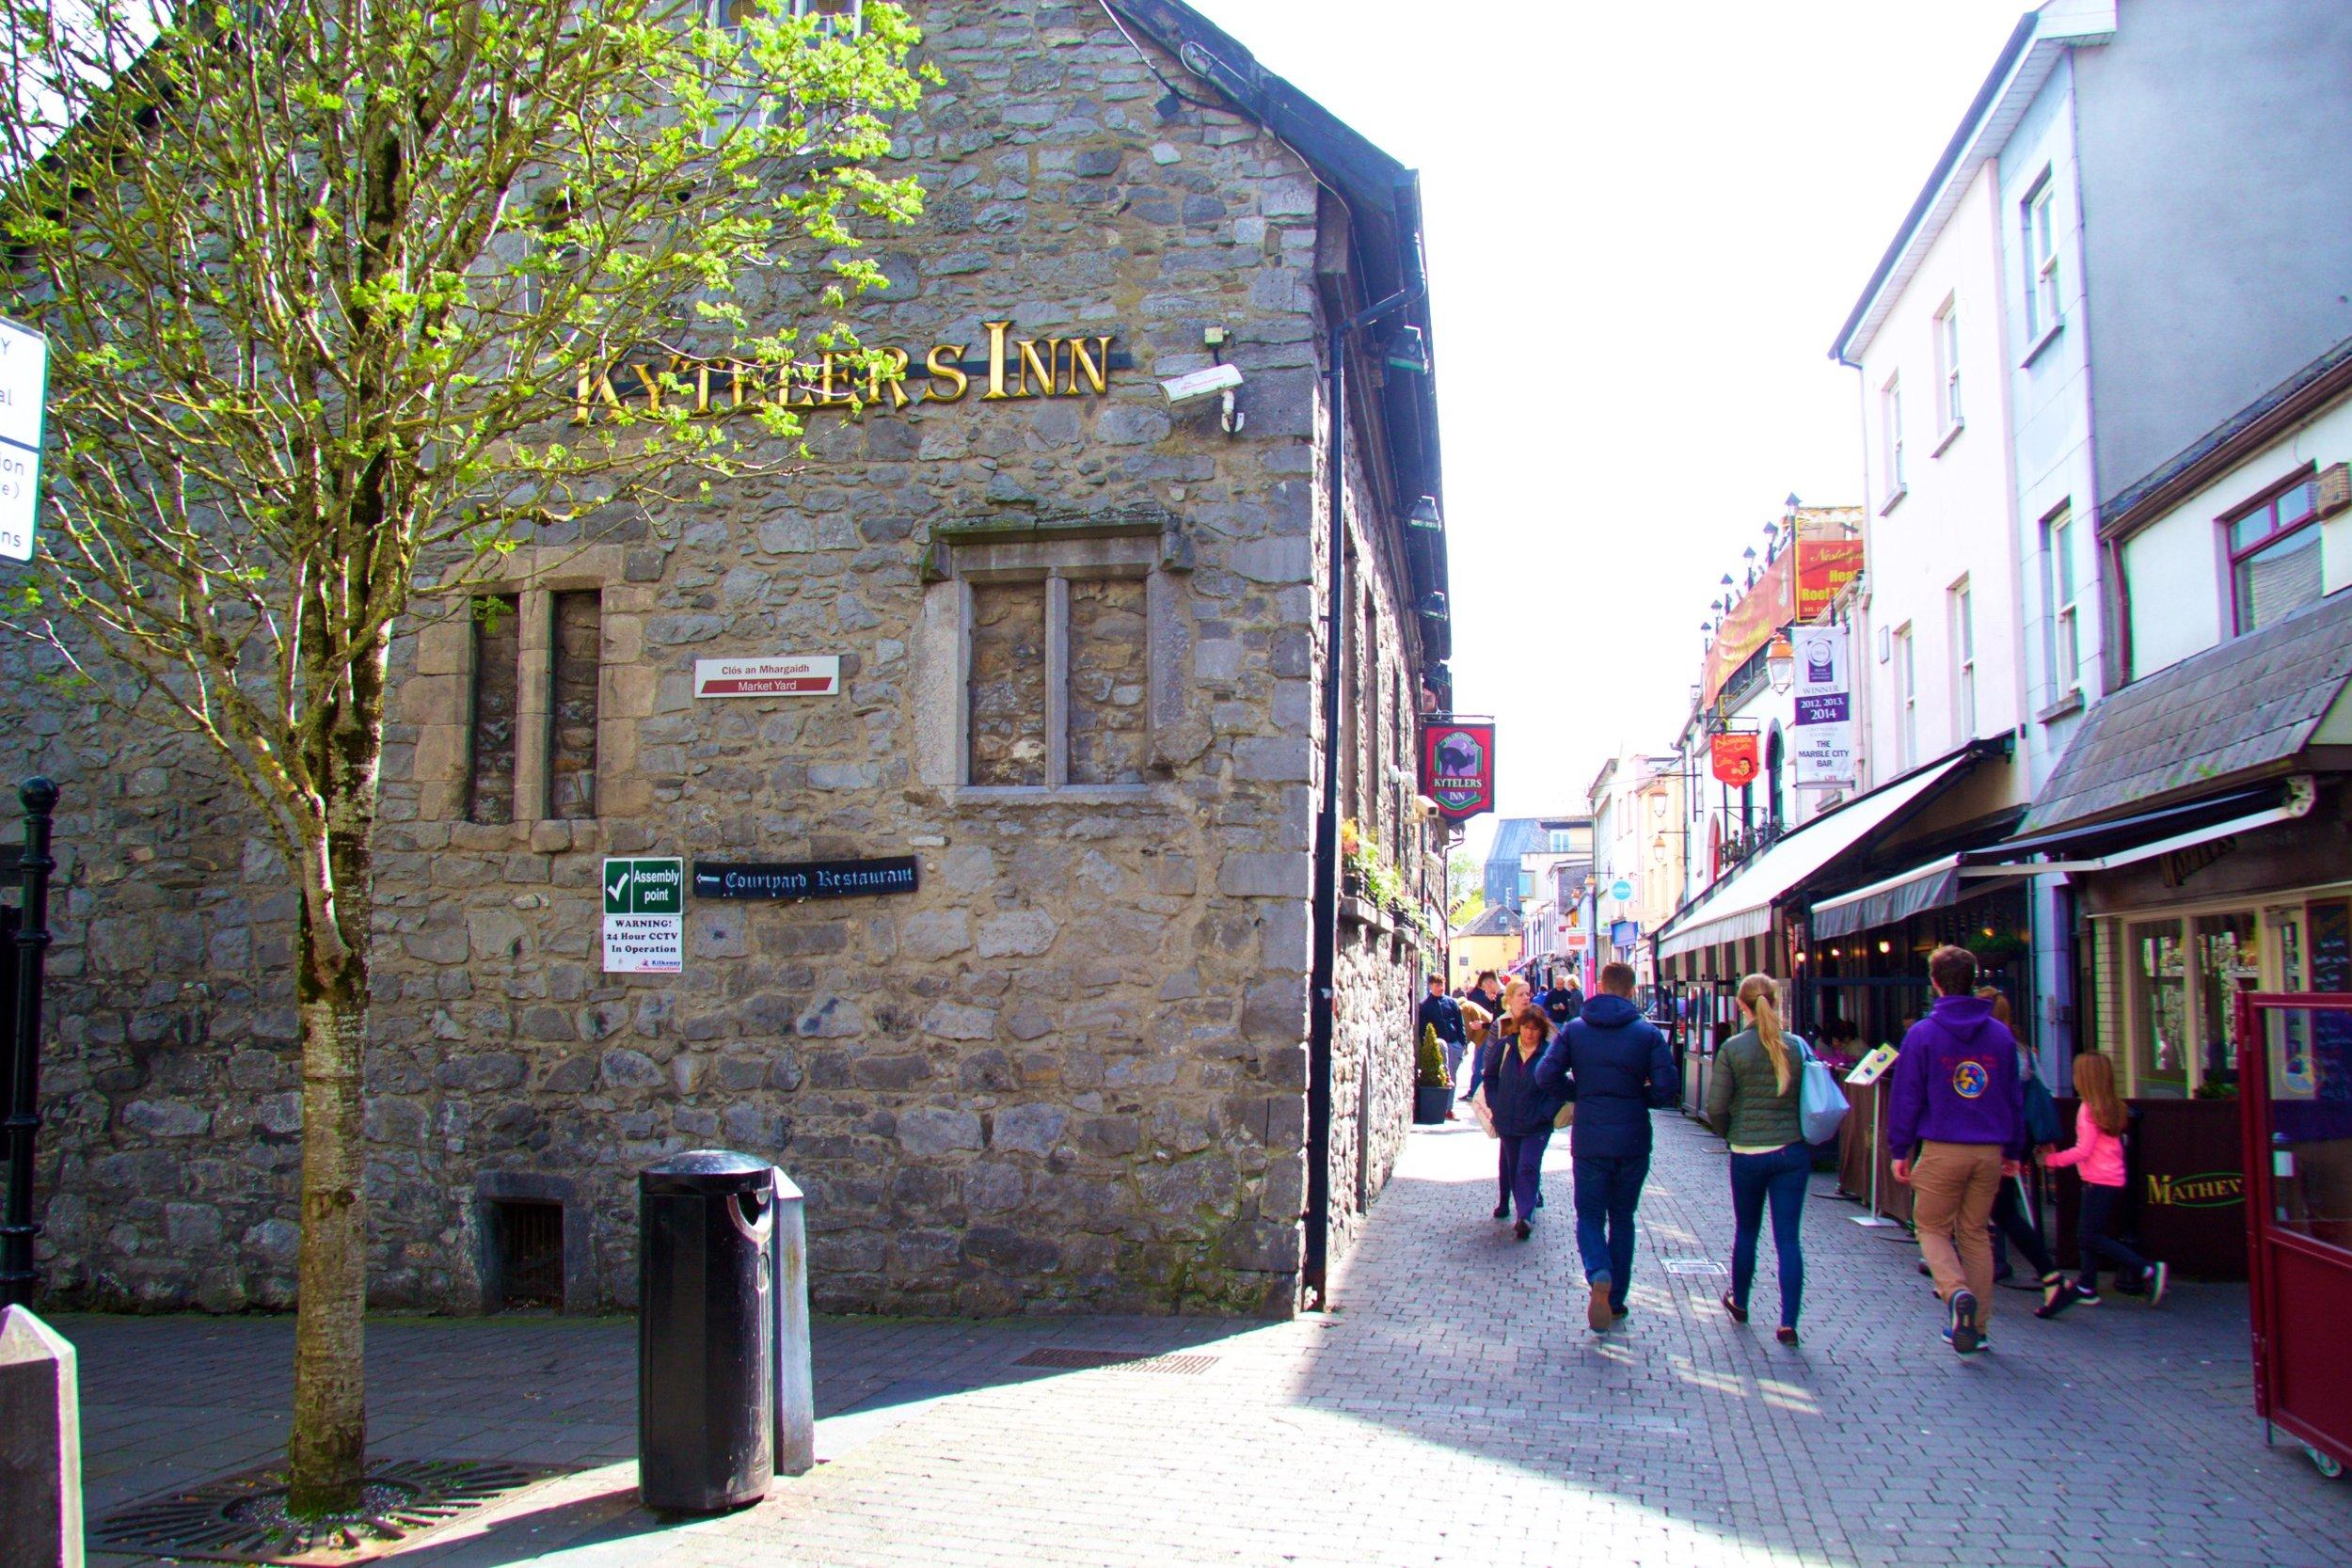 Kilkenny speed dating, meet Kilkenny singles, Kilkenny looking